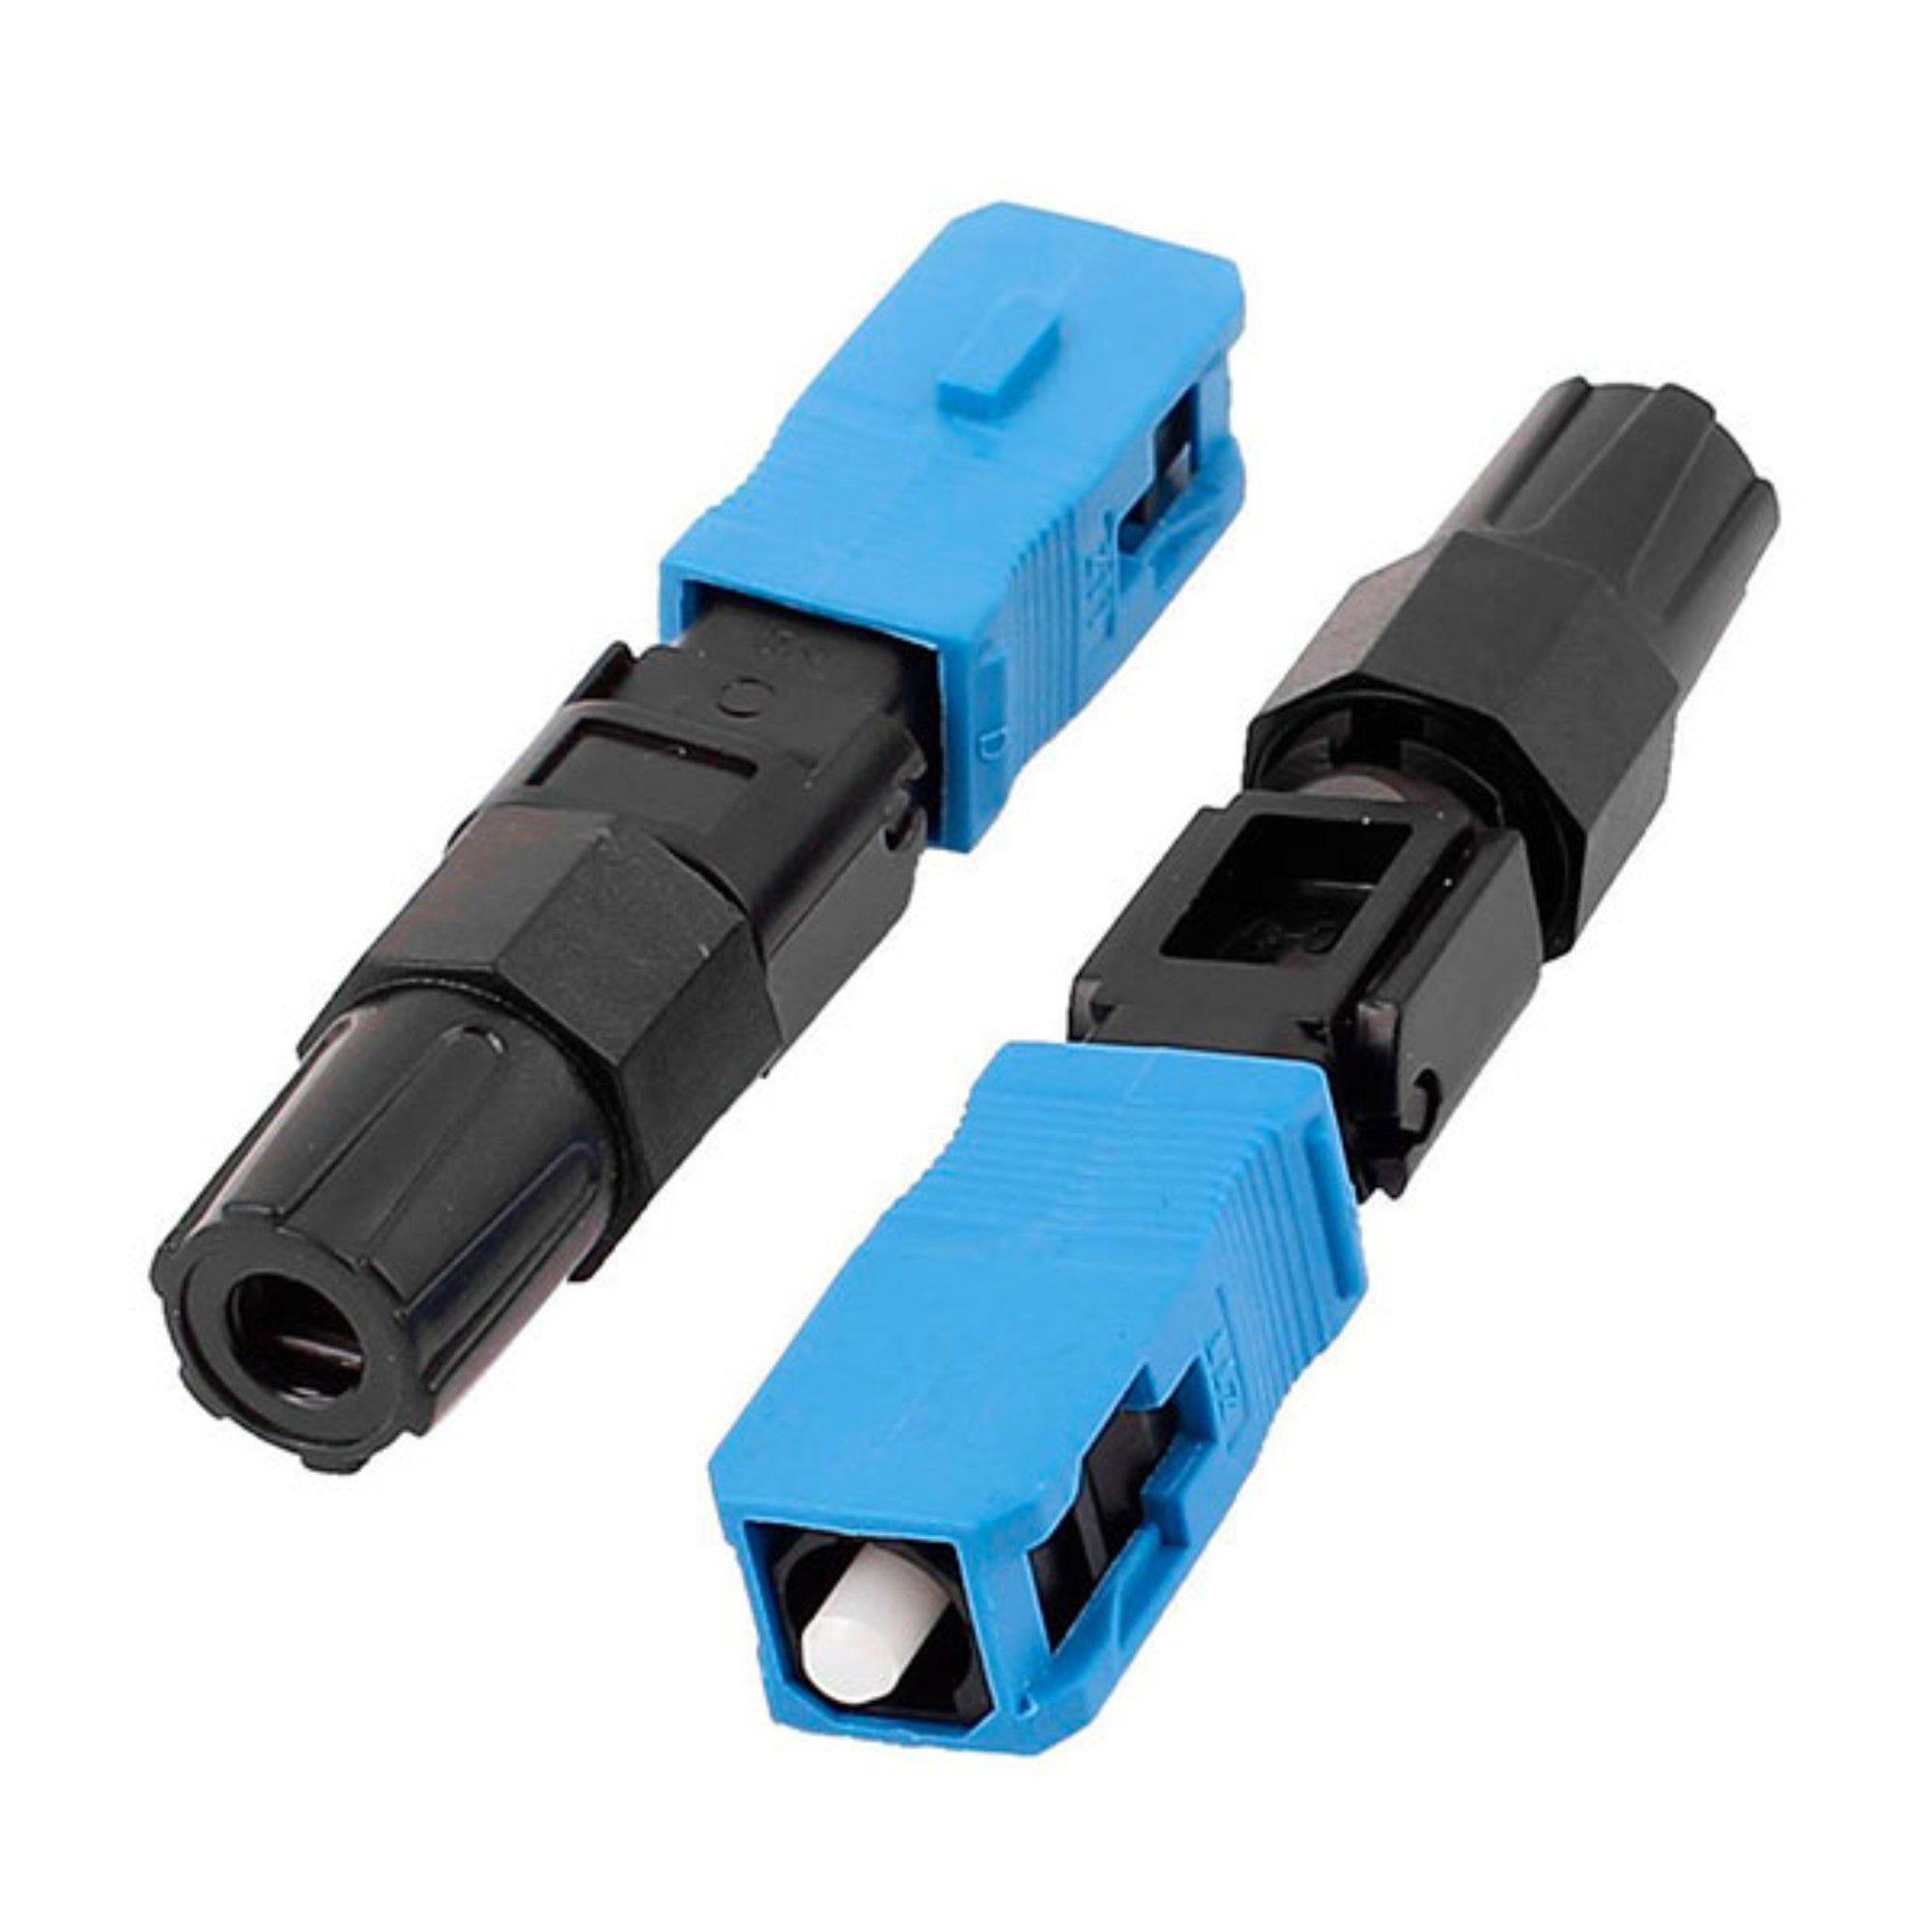 Conector Óptico De Rosca Sc Upc 2FLEX C/ 2 Unidades